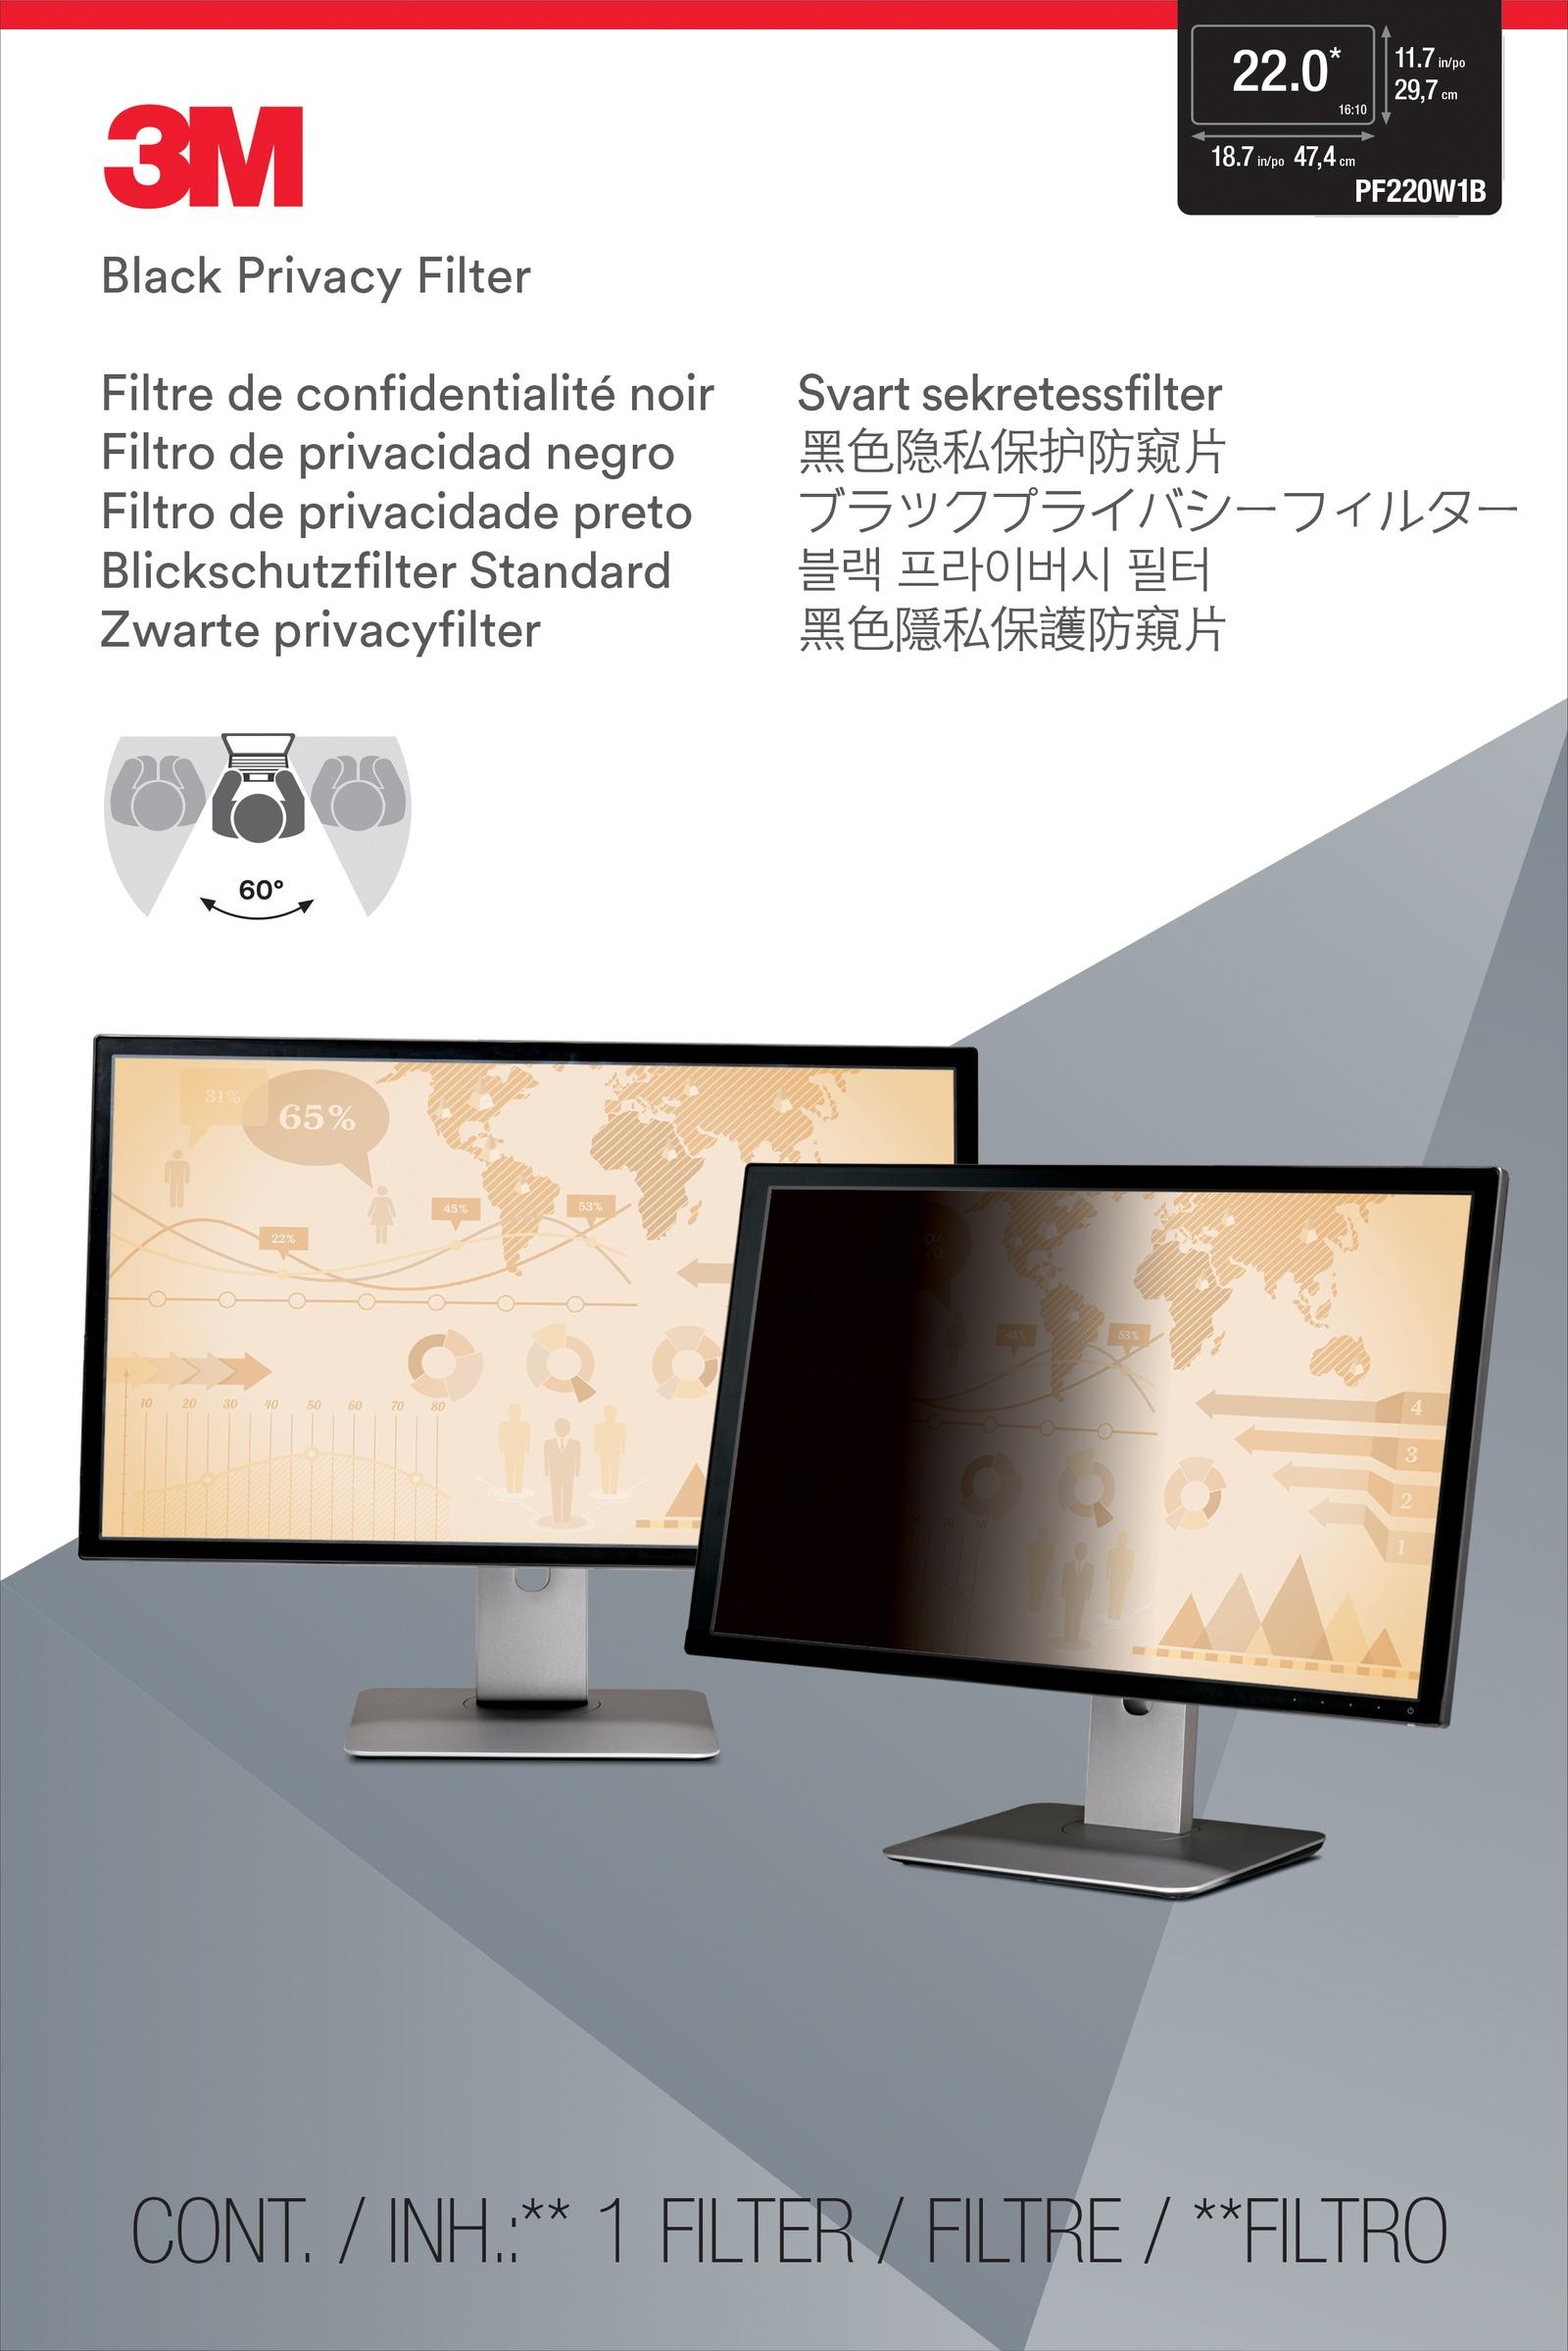 Экран защиты информации для монитора, 22.0 дюйма, широкоформ.,черная, 16:10 (PF220W1B) договор для парикмахерской о нераспространении конфиденциальной информации